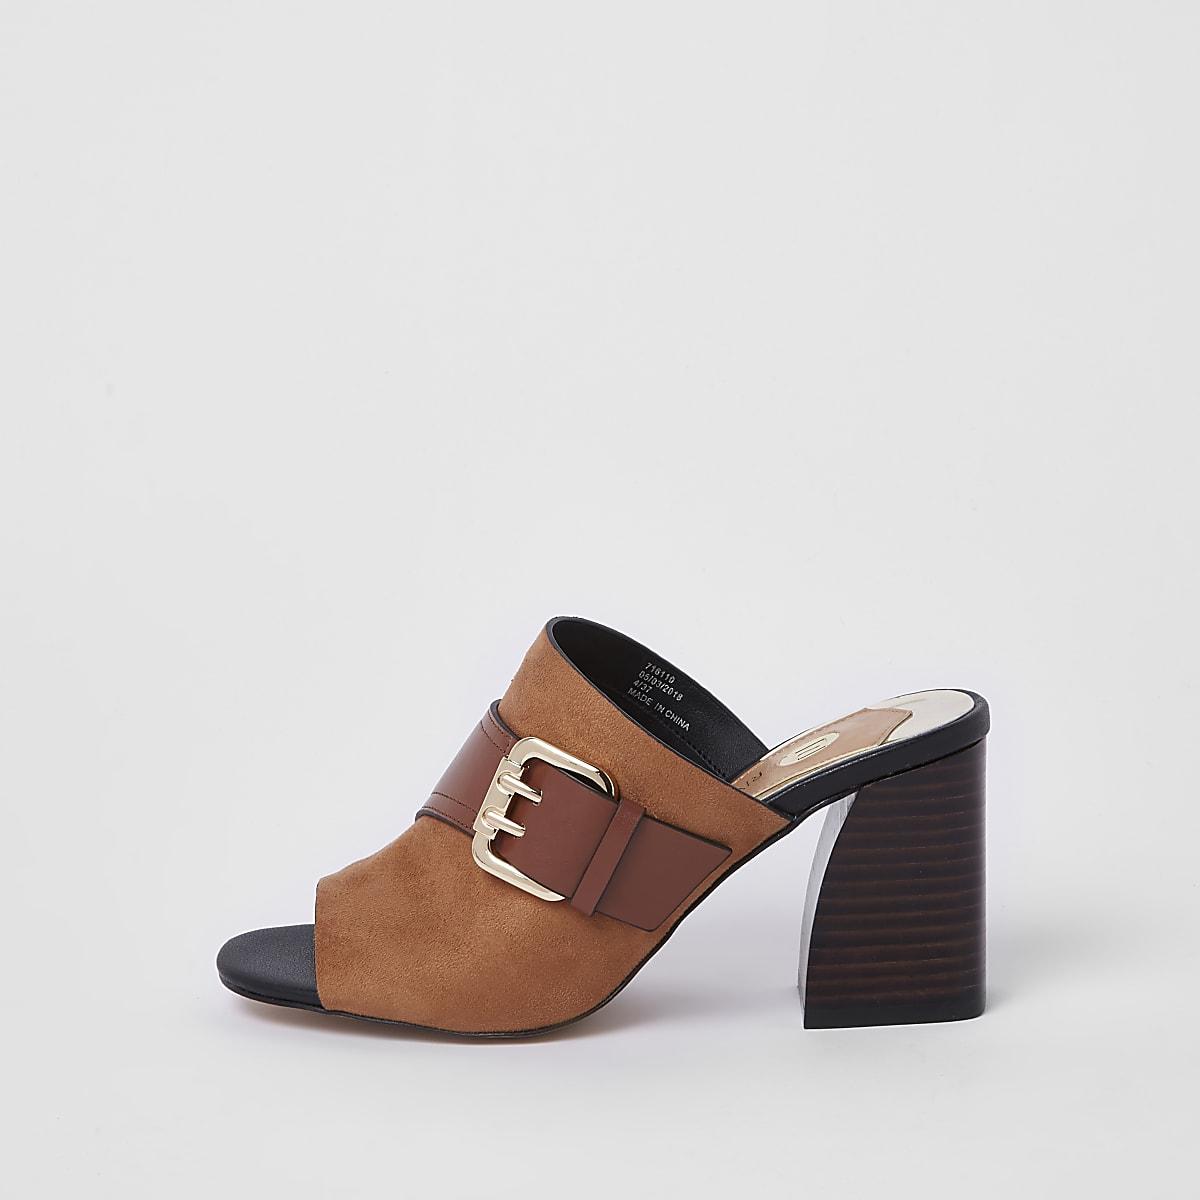 Brown buckle wide fit block heel mule sandals